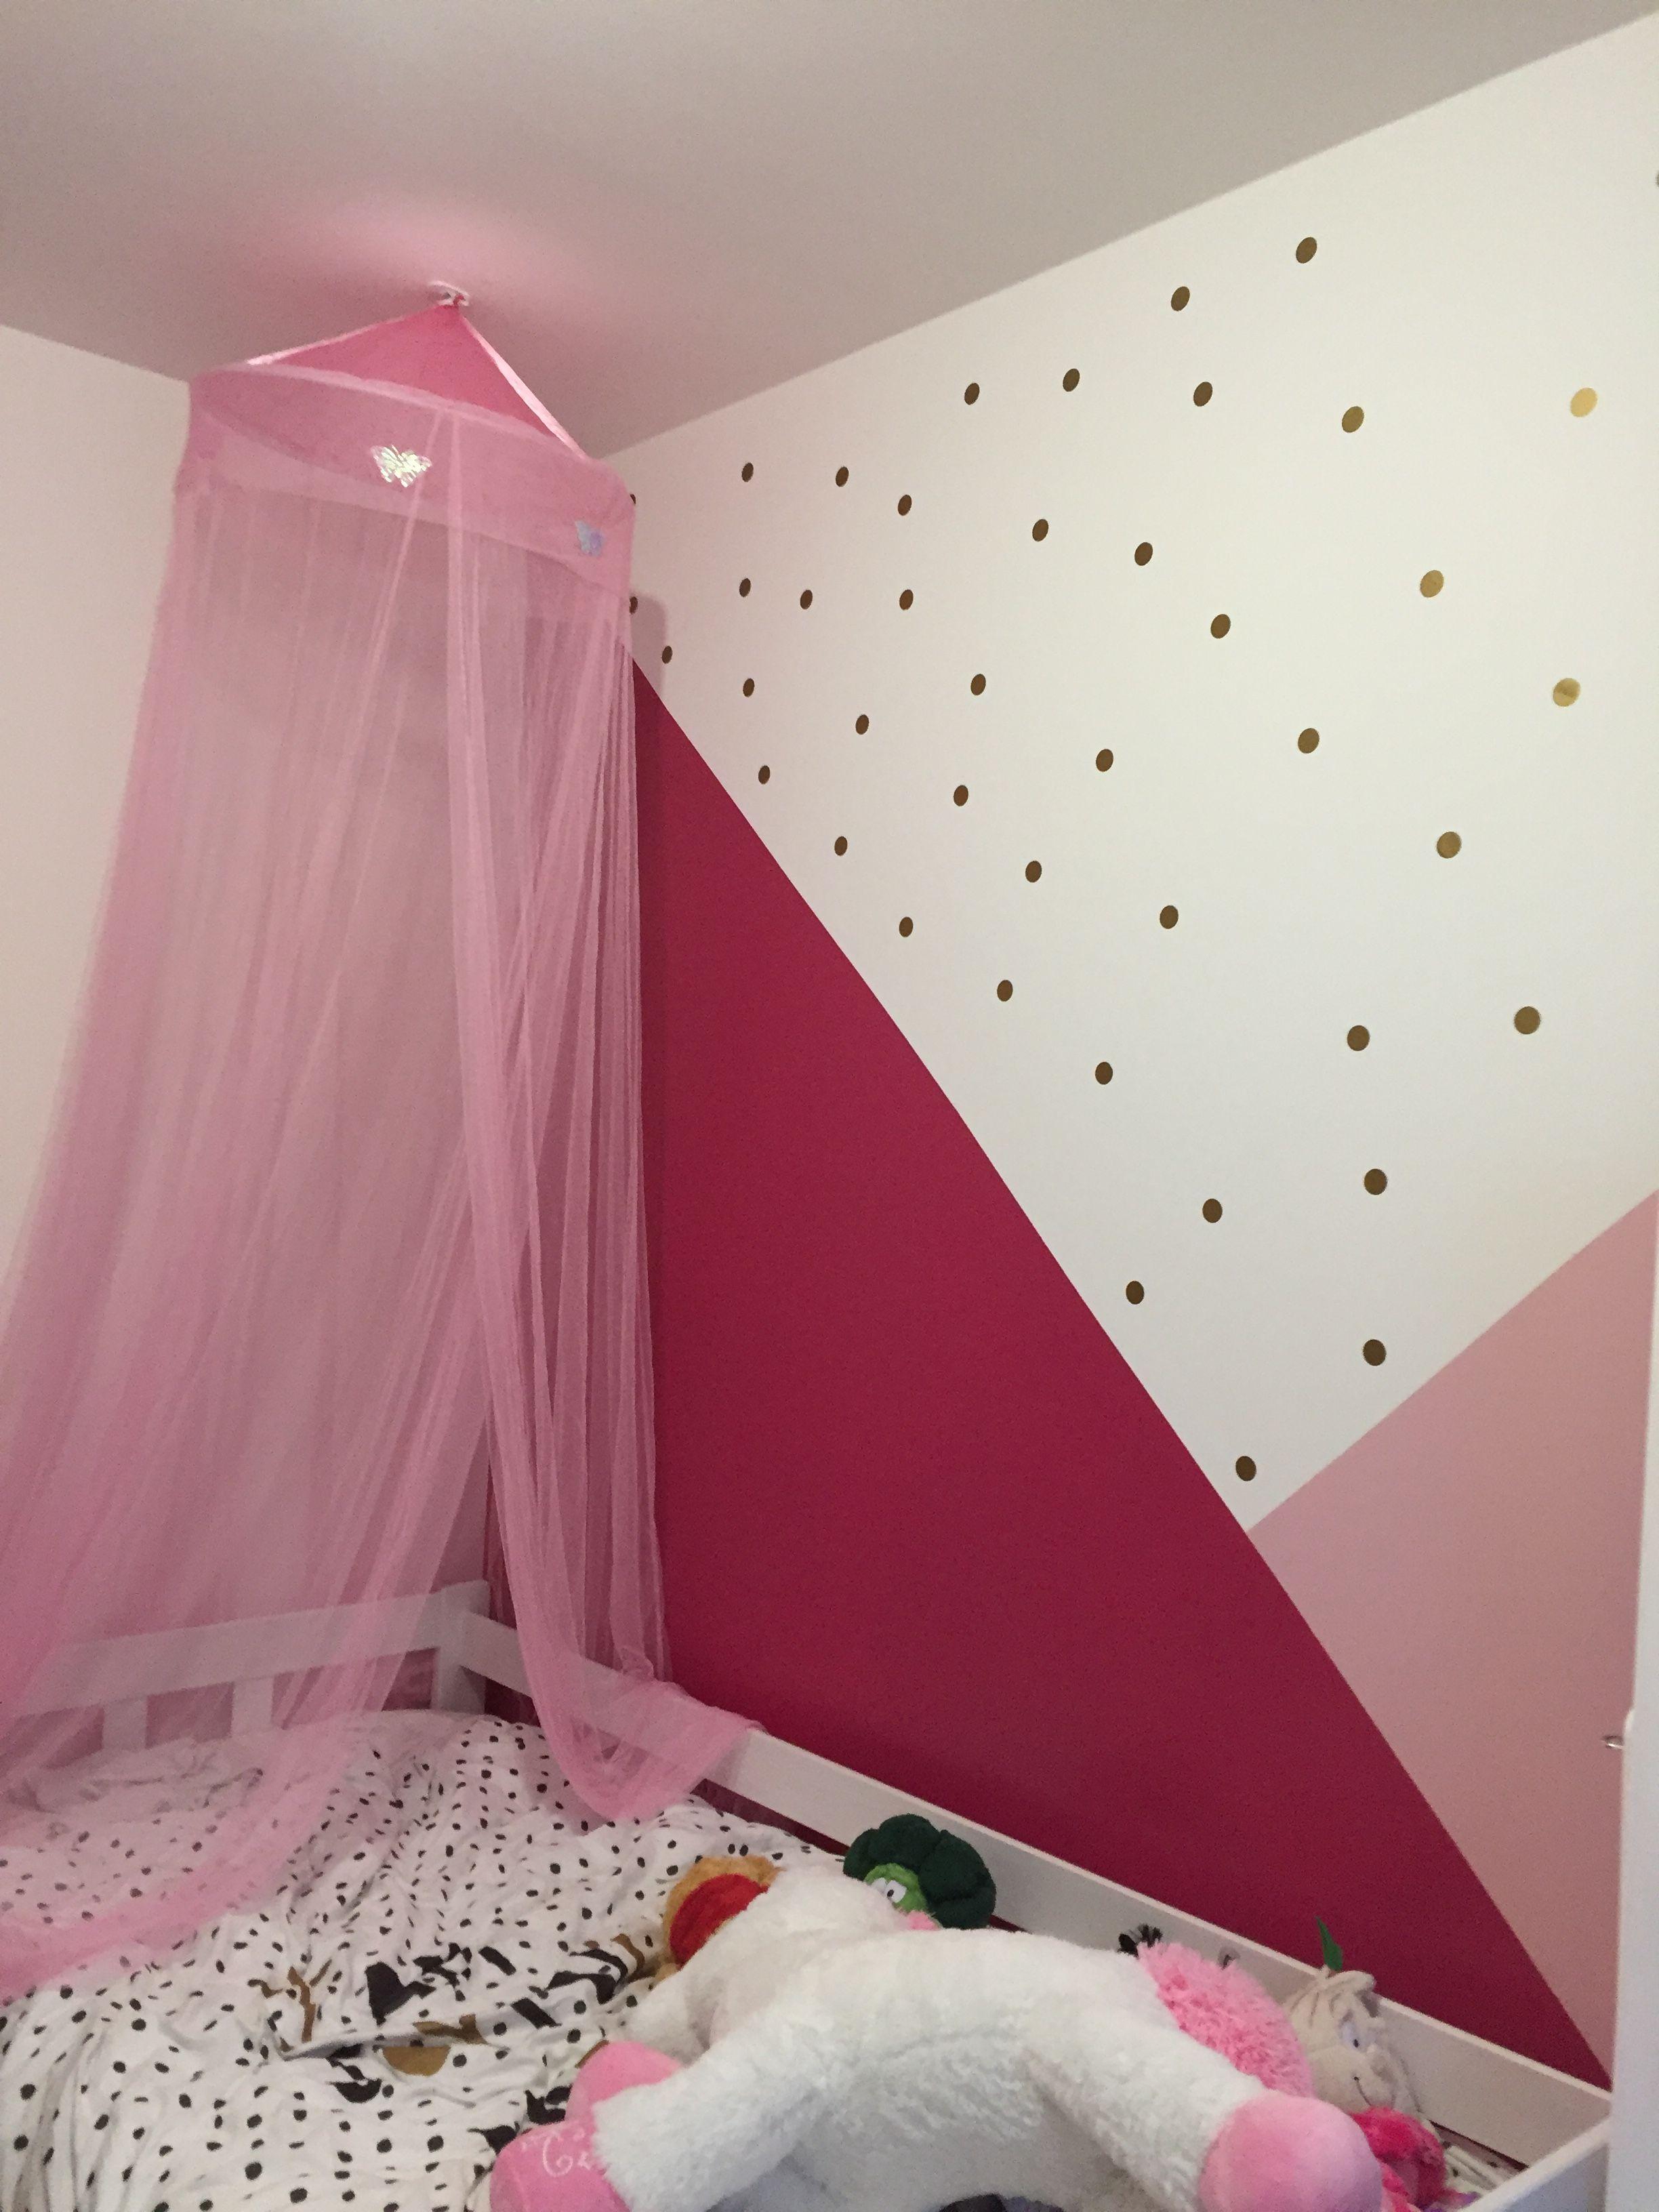 pinterest design  Decoração de quarto, Decoração de casa, Ideias